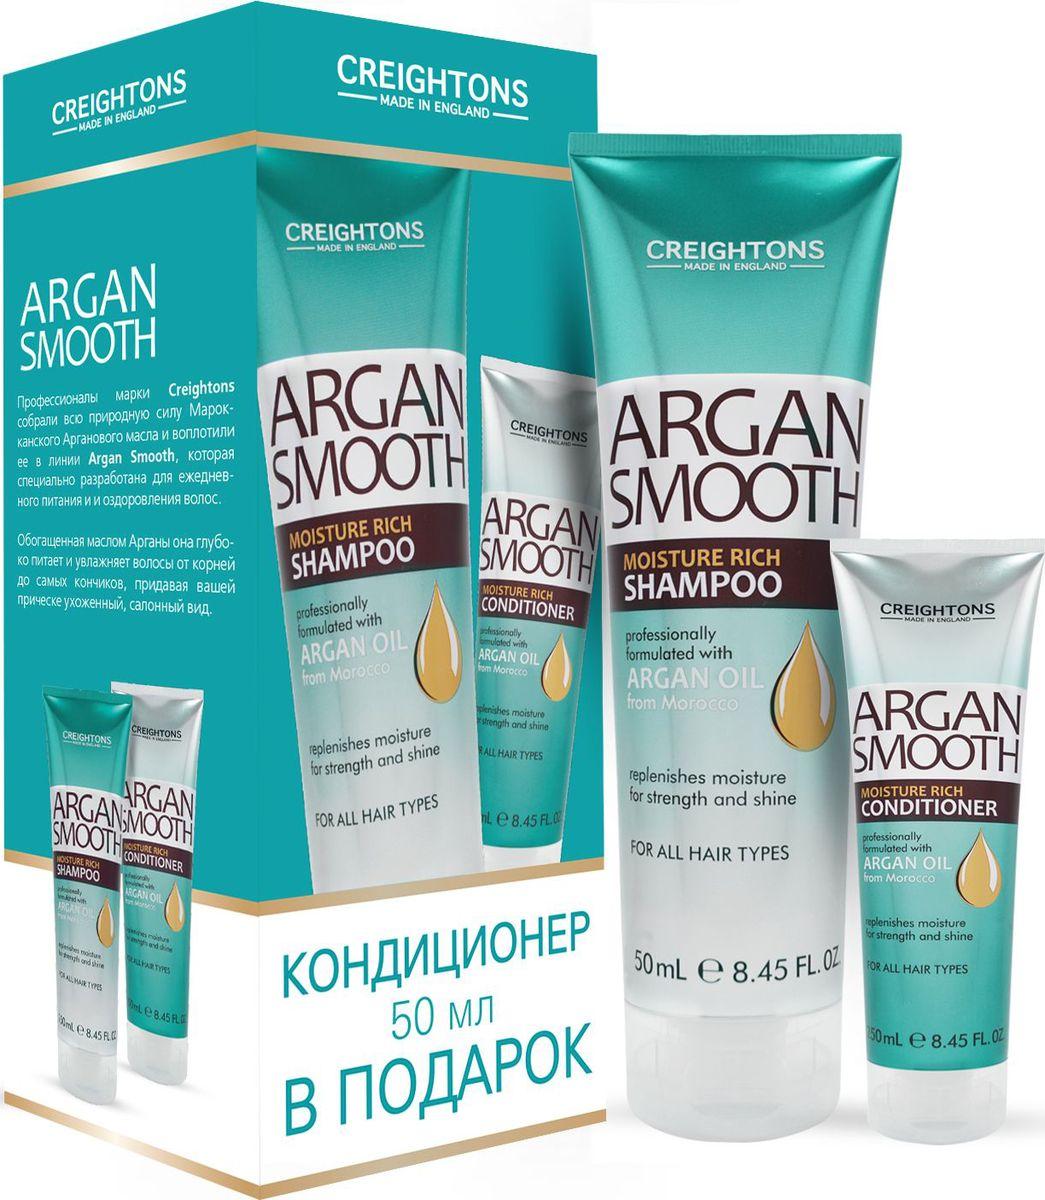 Greightons Набор Глубокое увлажнение волос, с Аргановым маслом, 300 млPN5606Восстанавливающий шампунь и кондиционер для волос с Аргановым маслом проникают в структуру волоса и восстанавливают его изнутри. Даже самые поврежденные волосы становятся мягкими и увлажненными. Шампунь и кондиционер идеально подходят для восстановления сухих, поврежденных волос